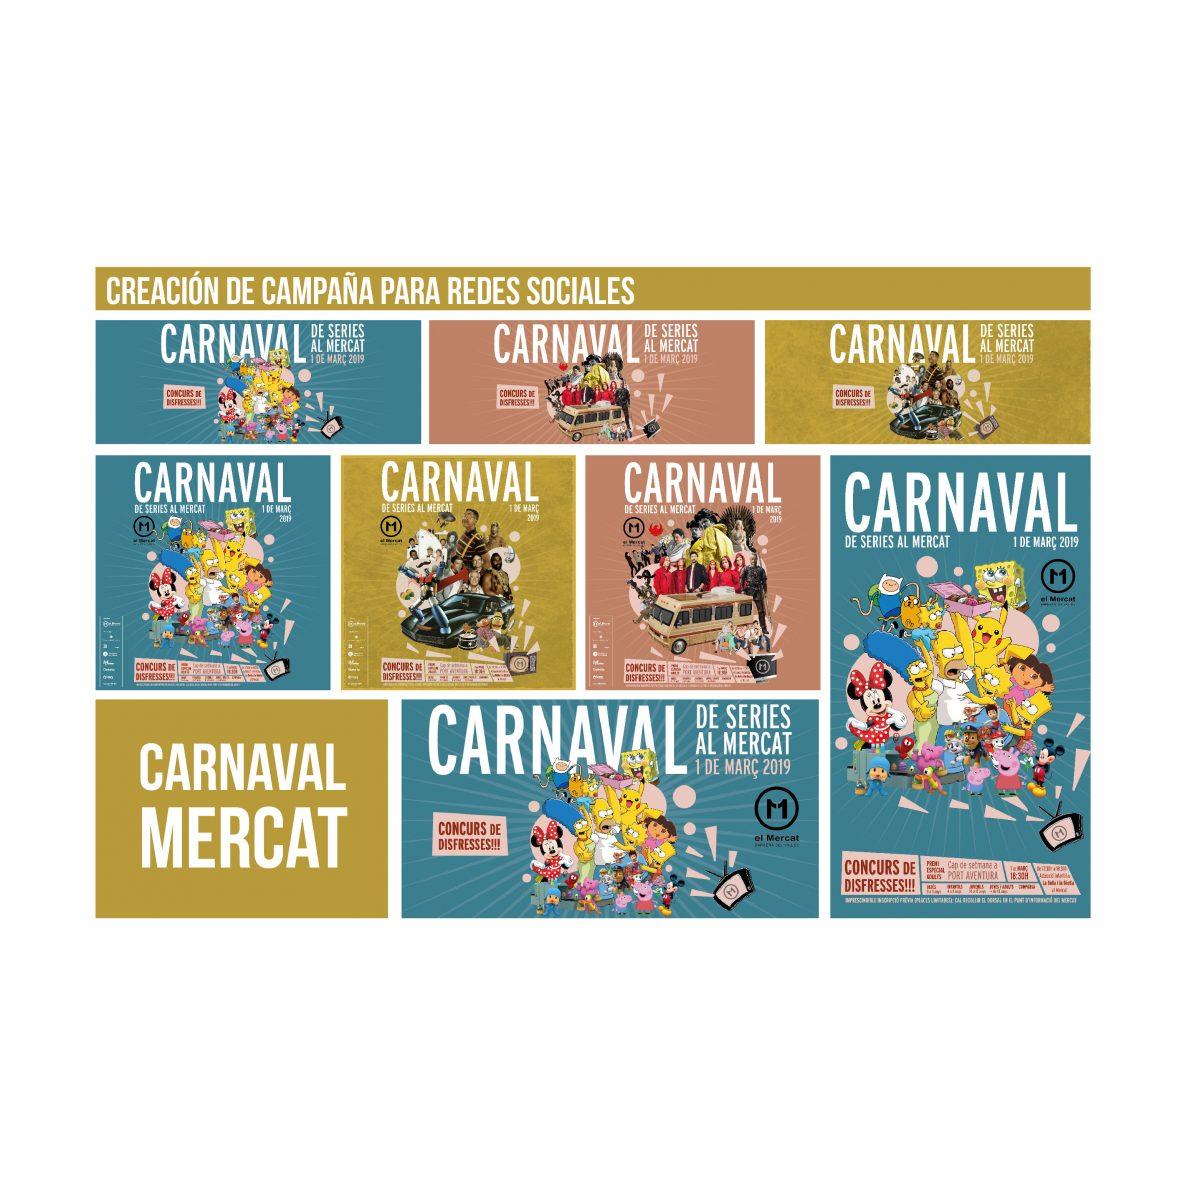 Campaña publicidad Carnaval Mercat 11 setembre